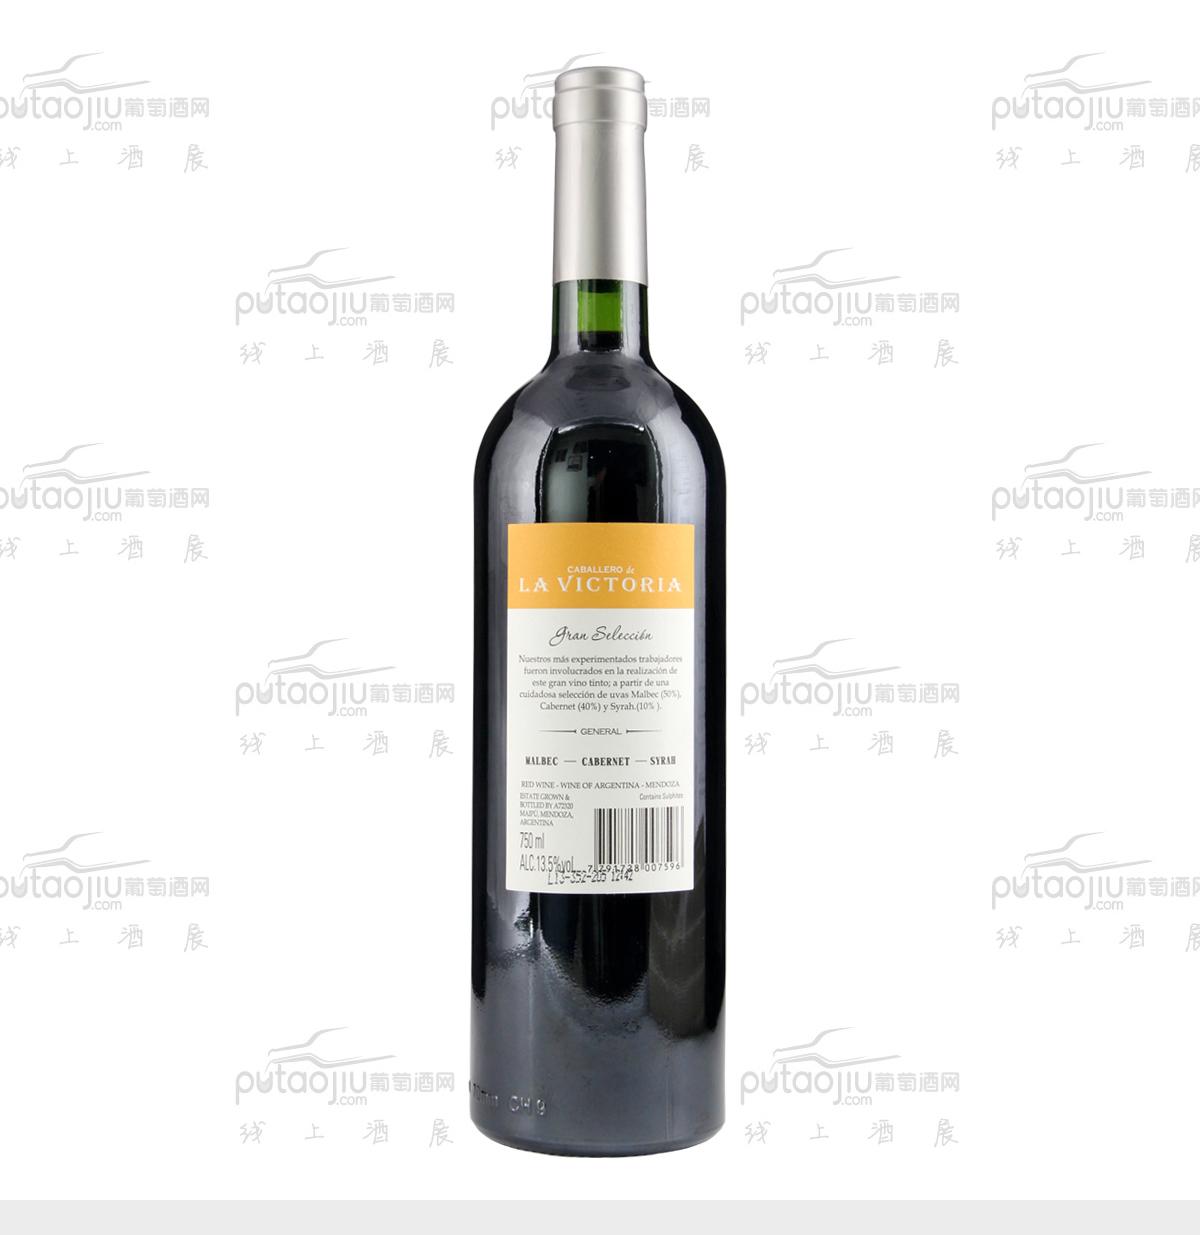 阿根廷门多萨省维多利骑士将军系列混酿特级干红葡萄酒